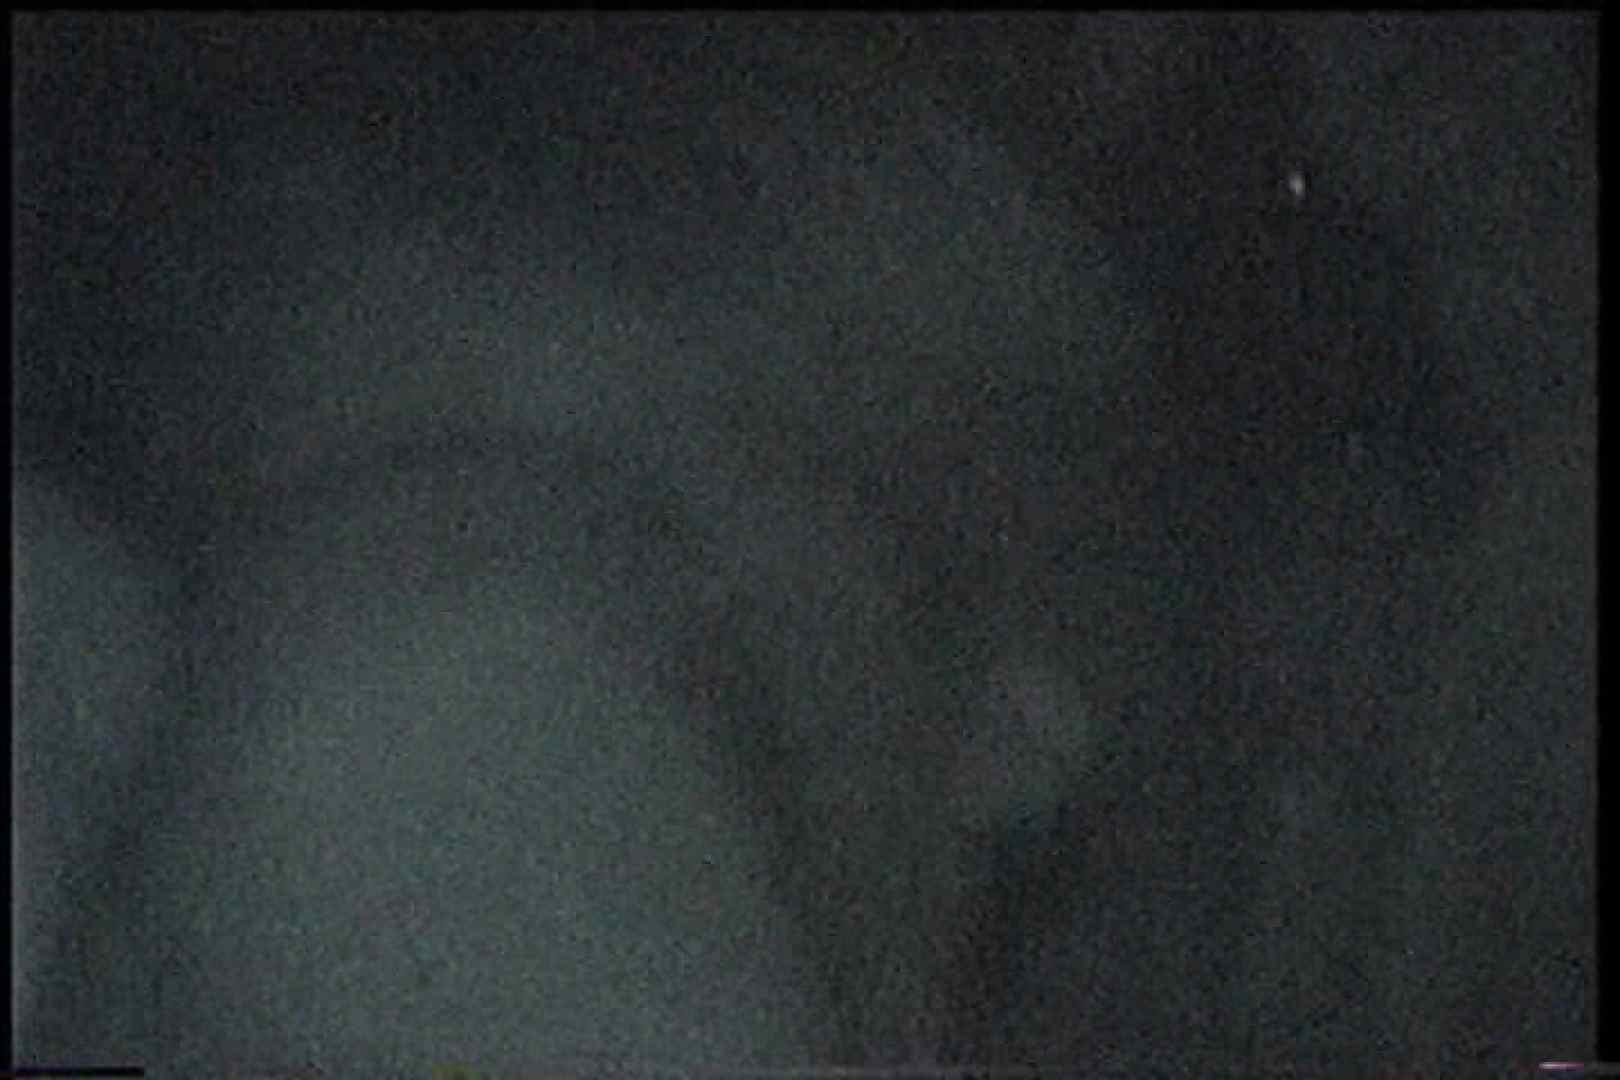 充血監督の深夜の運動会Vol.184 後編 エッチなセックス | エロティックなOL  101画像 87